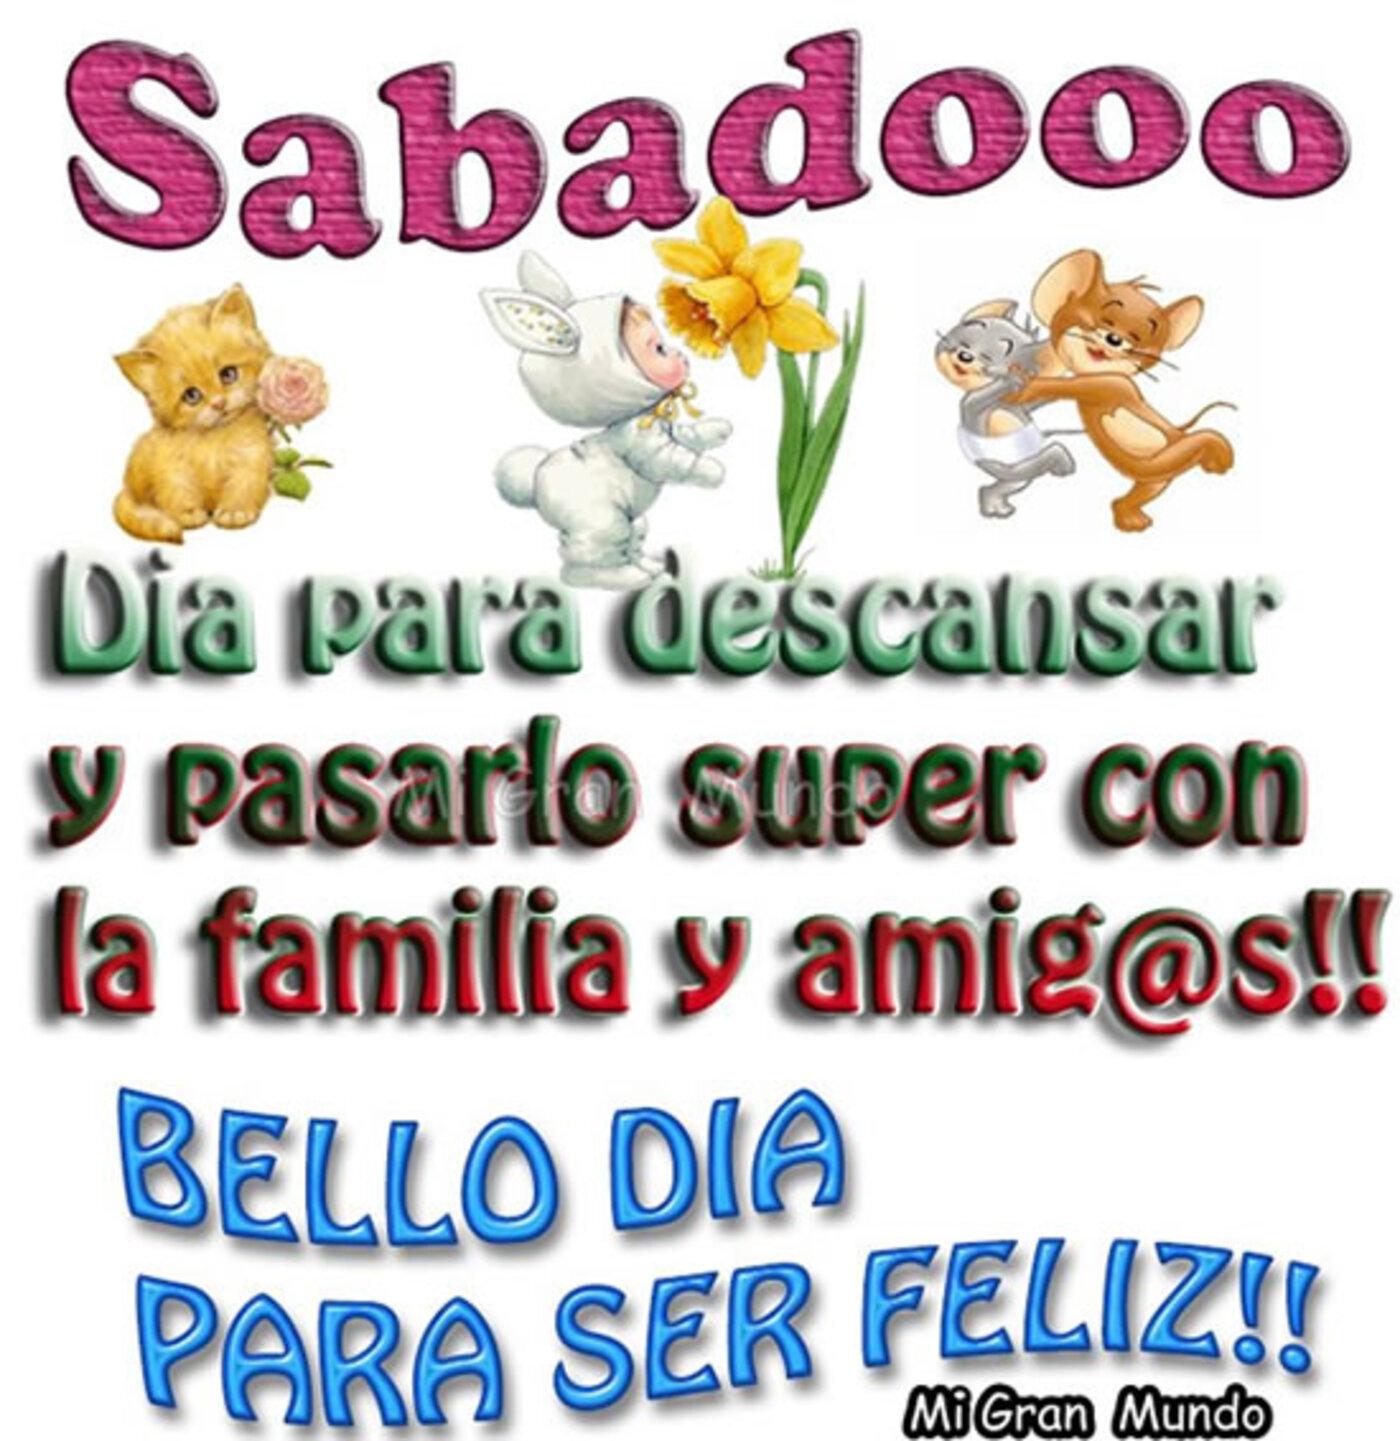 sábado dia para descansar y pasarlo super con la familia y amigos!! bello dia para ser feliz